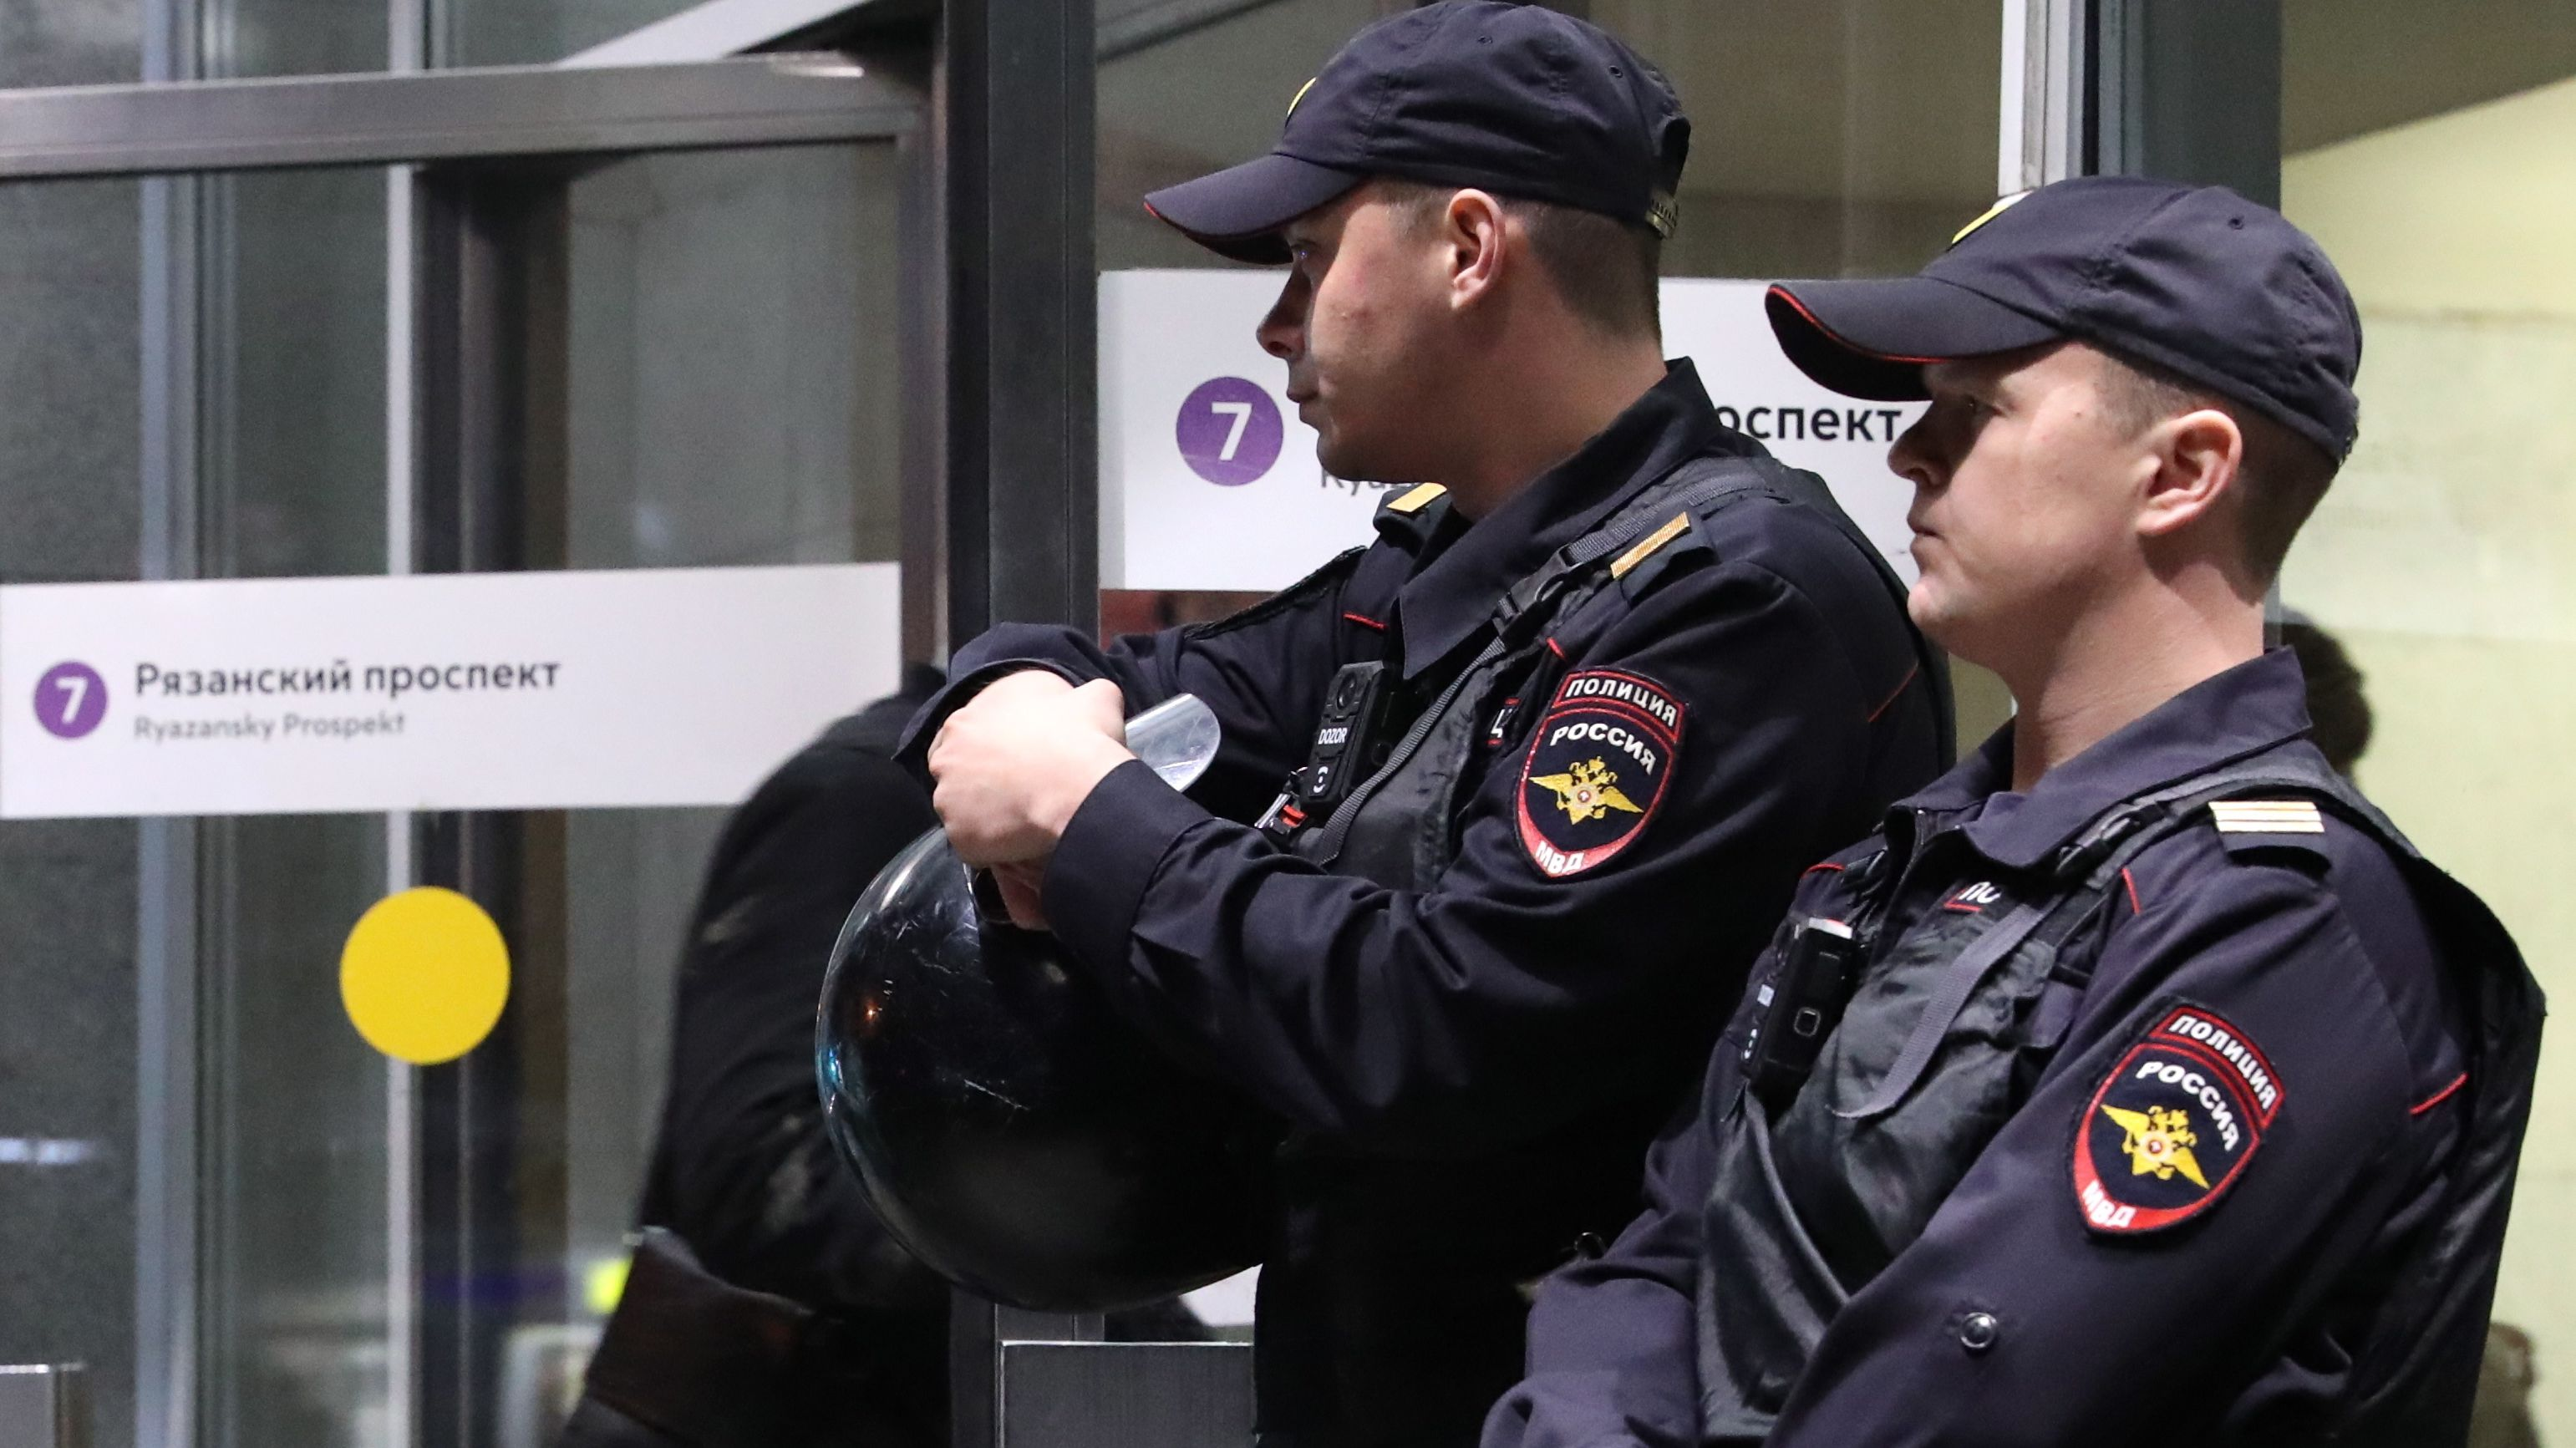 Russicher Polizeikräfte bei Kontrollen